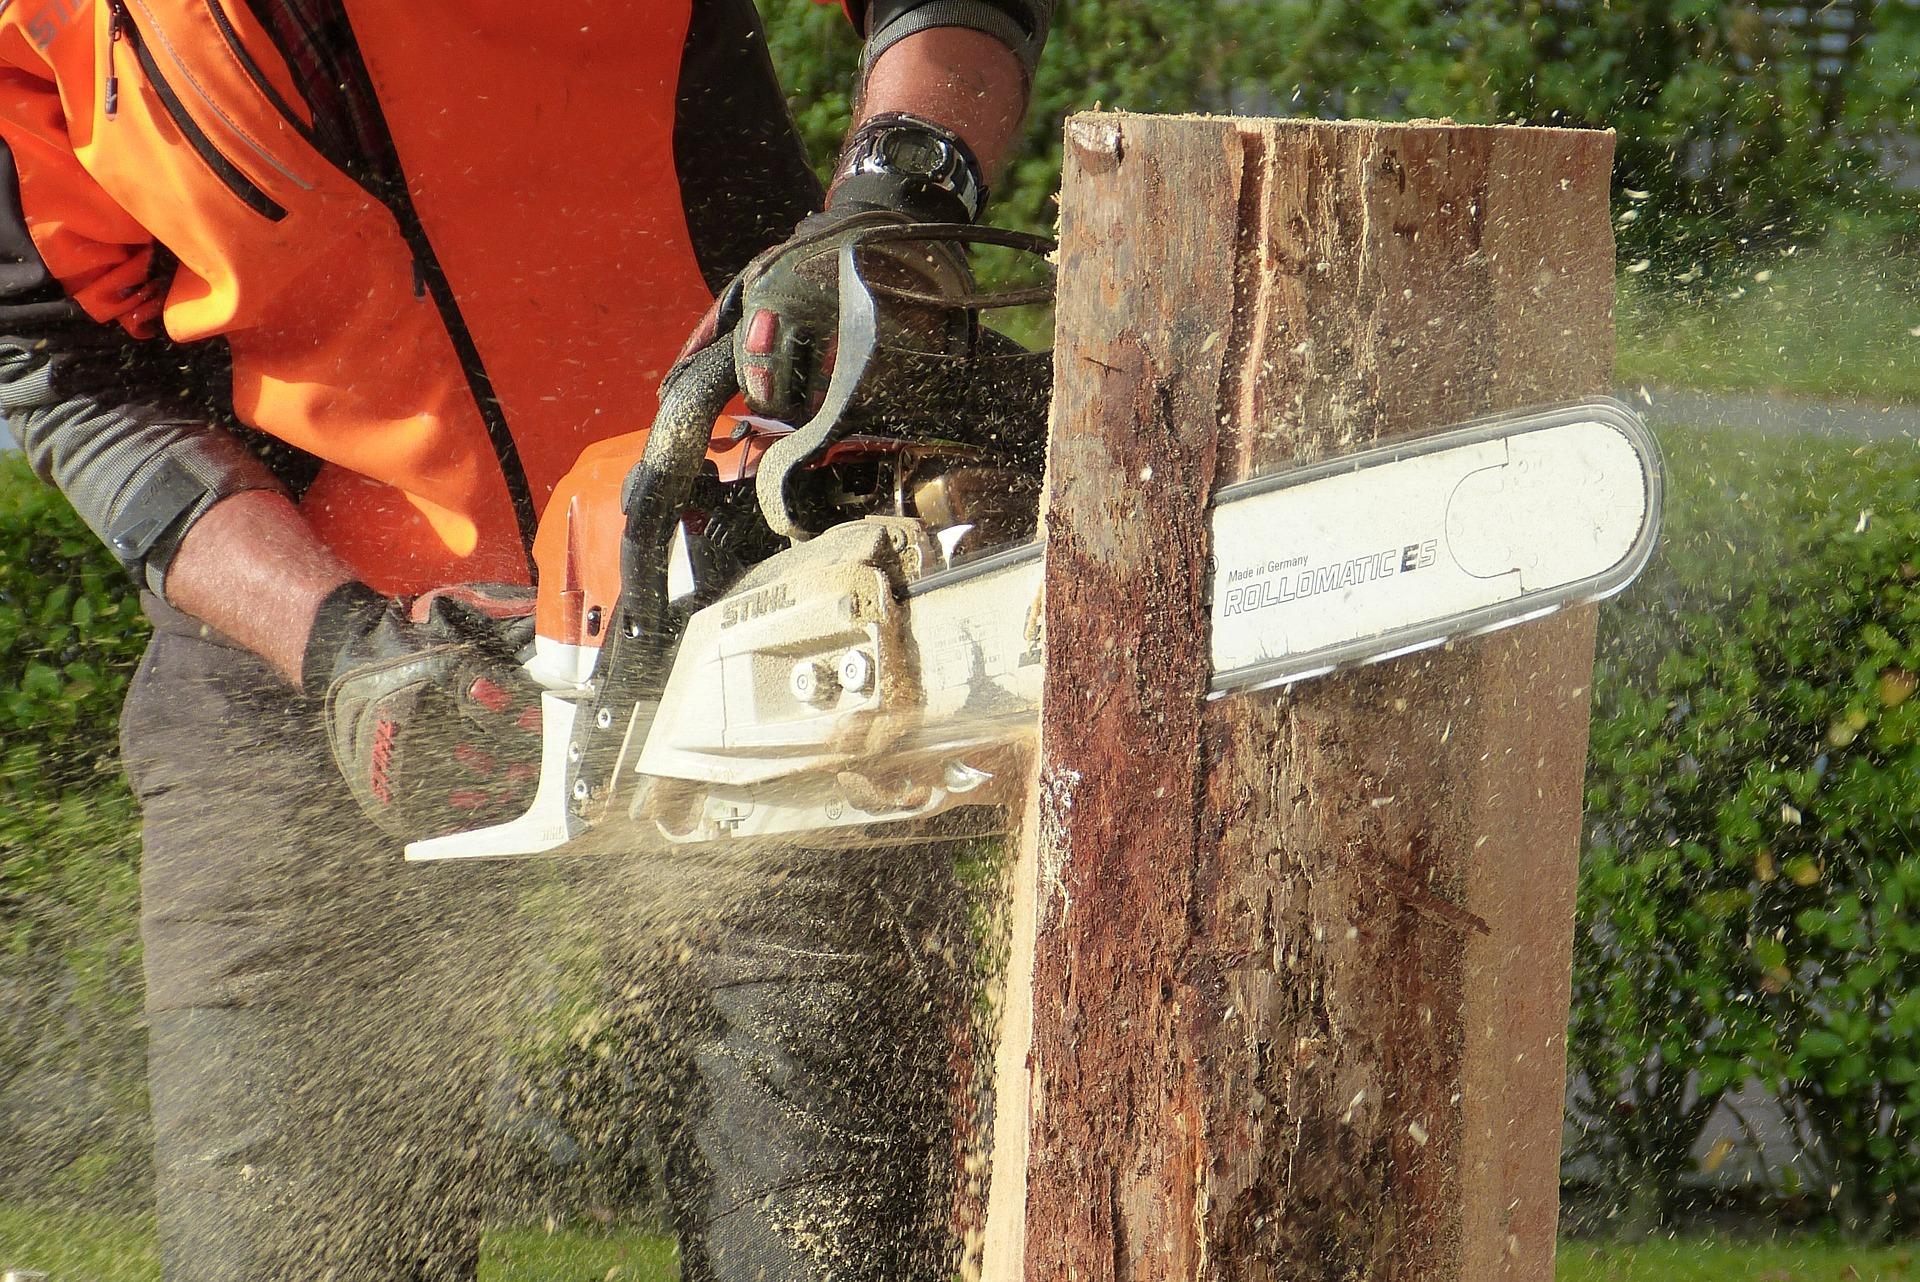 Comment choisir une tronçonneuse à bois ? 4